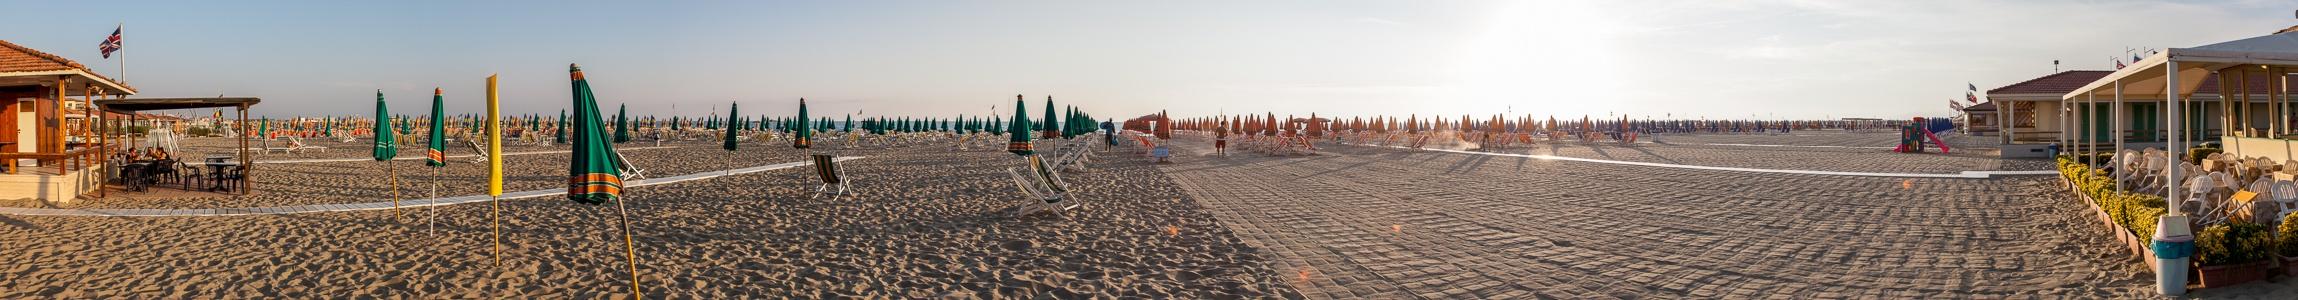 Viareggio Versilia: Strandbäder